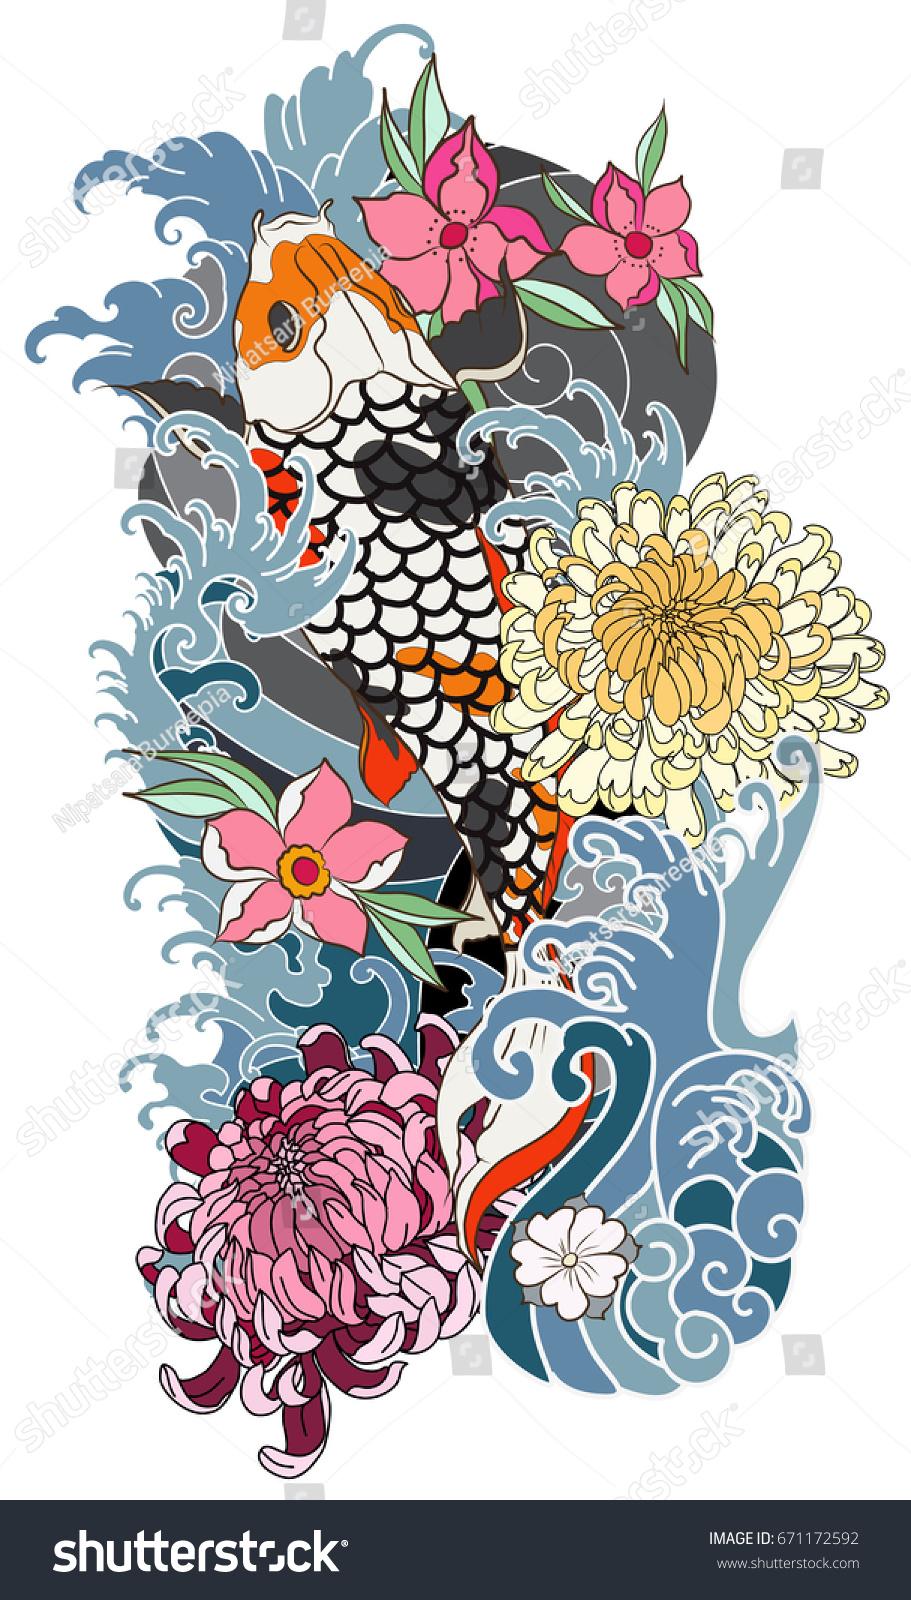 Colorful koi carp with water splashlotus